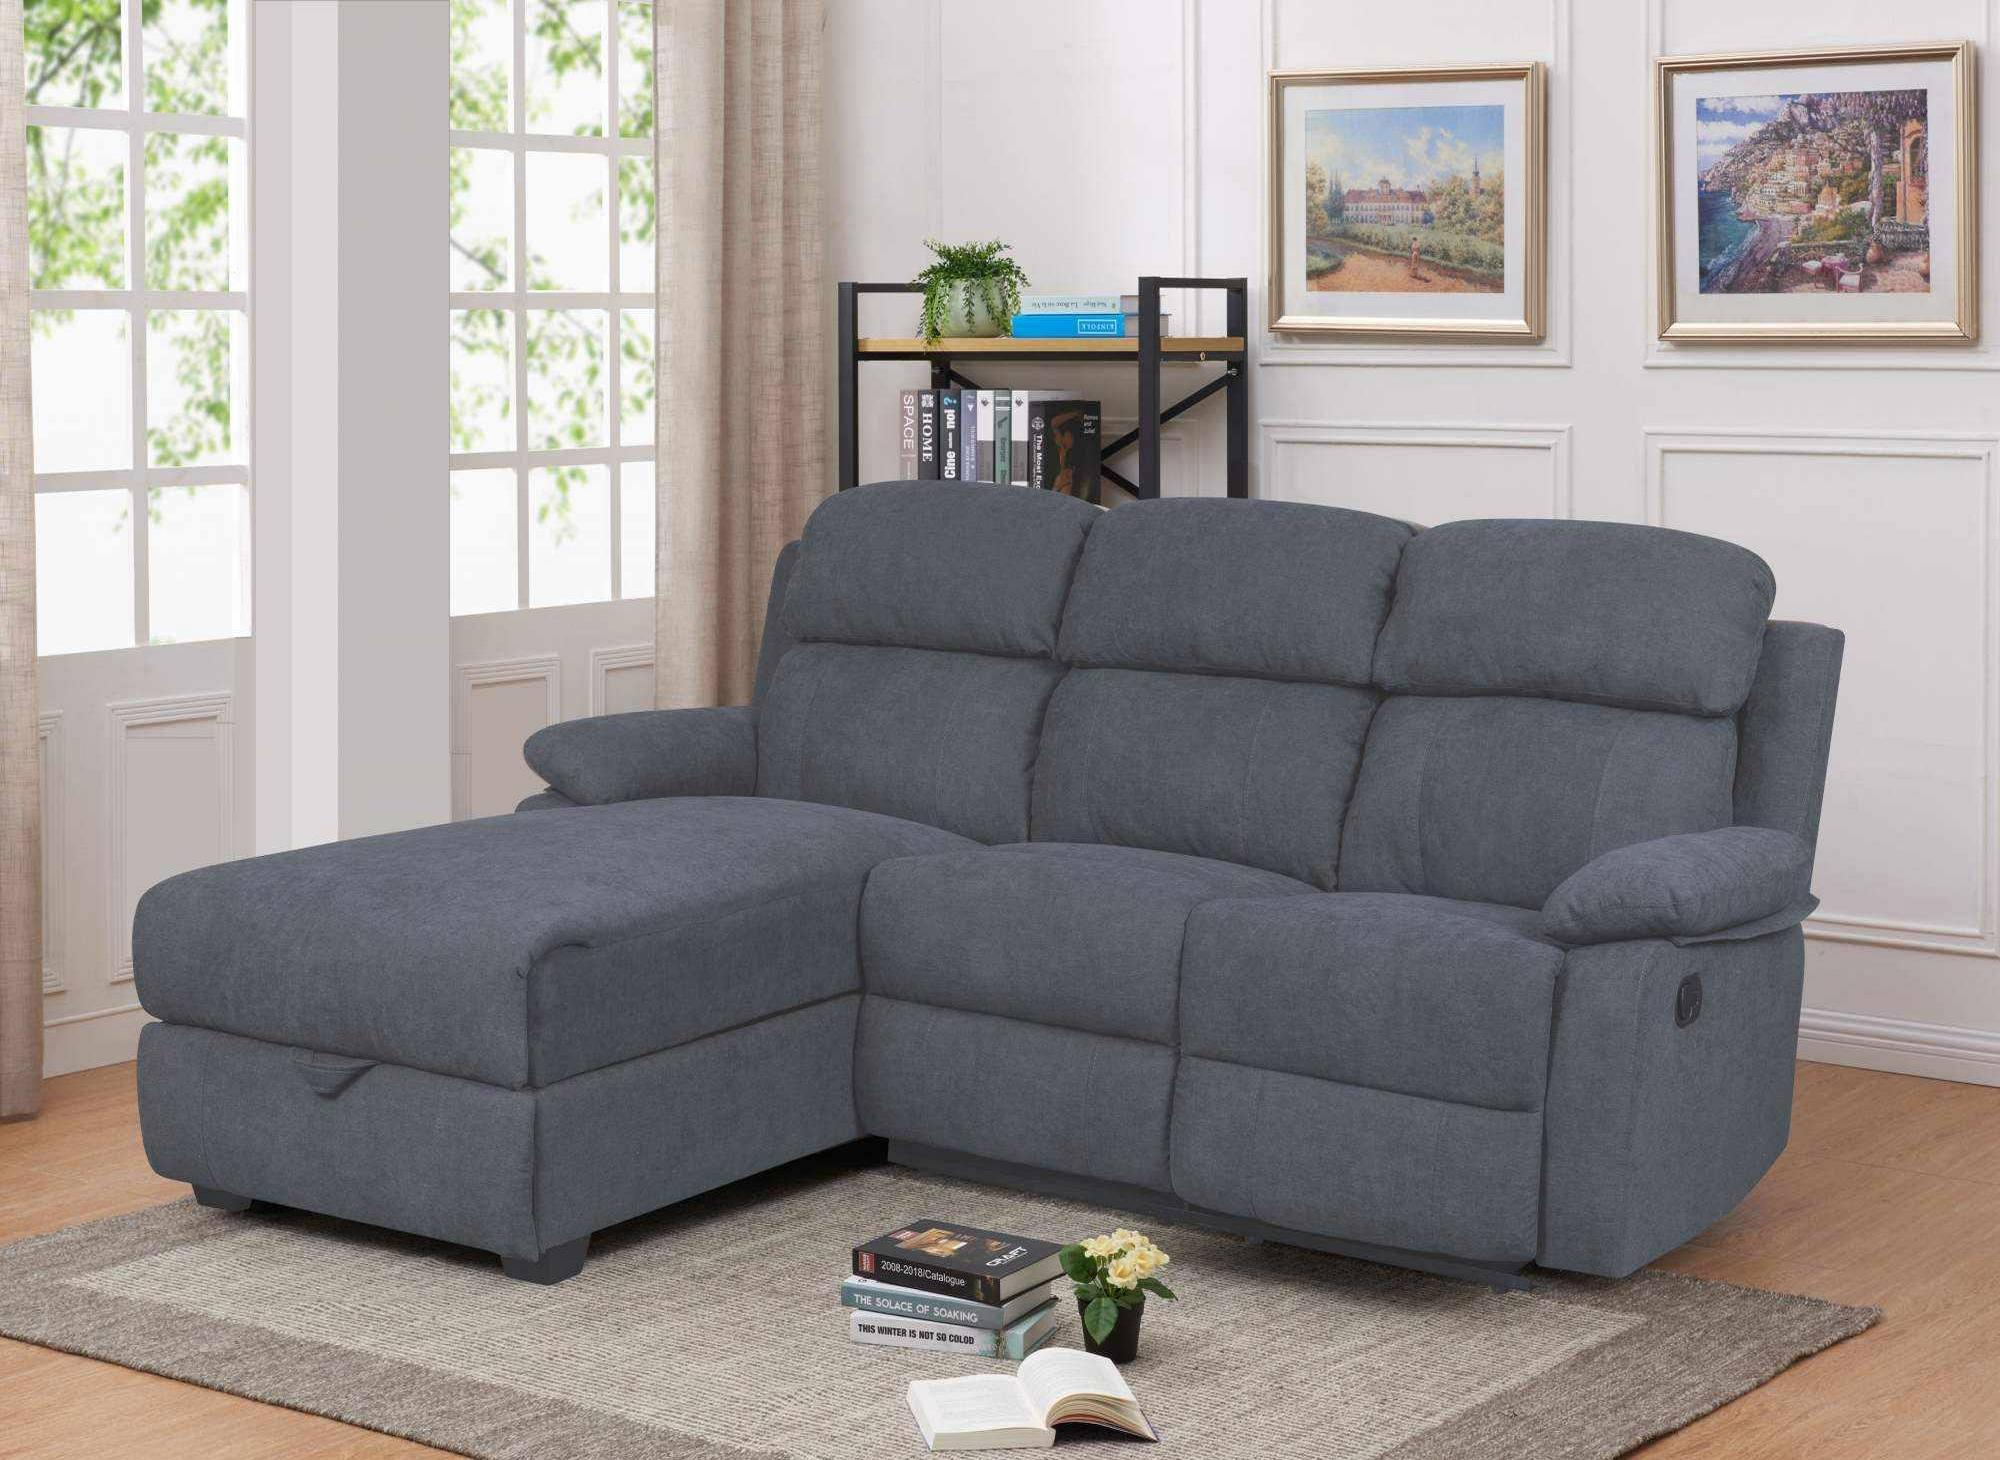 Deco in paris canape relax angle gauche avec meridienne et coffre de rangement en tissu gris for Housse de canape angle avec meridienne